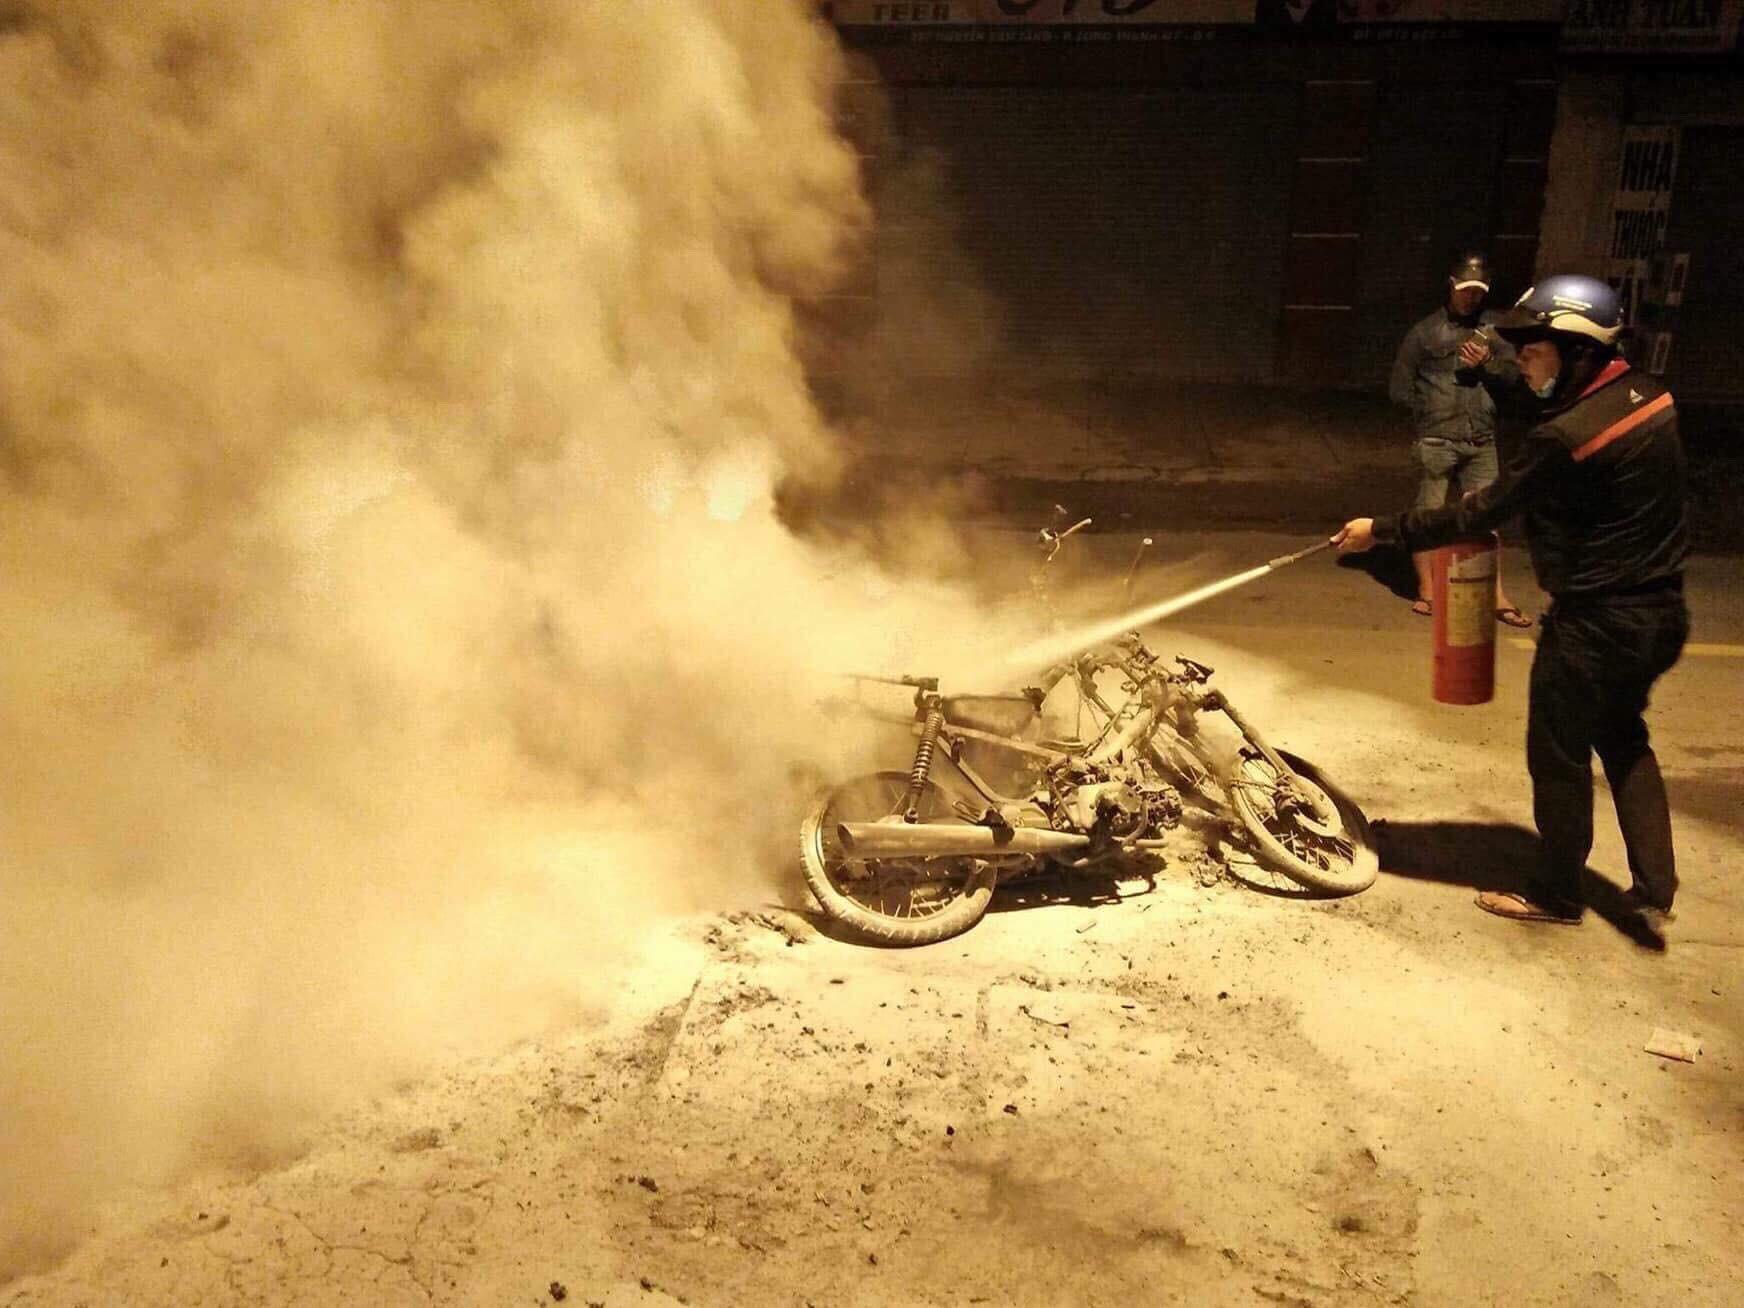 Người đân cố gắn dập lửa nhưng xe máy đã bị cháy trơ khung.